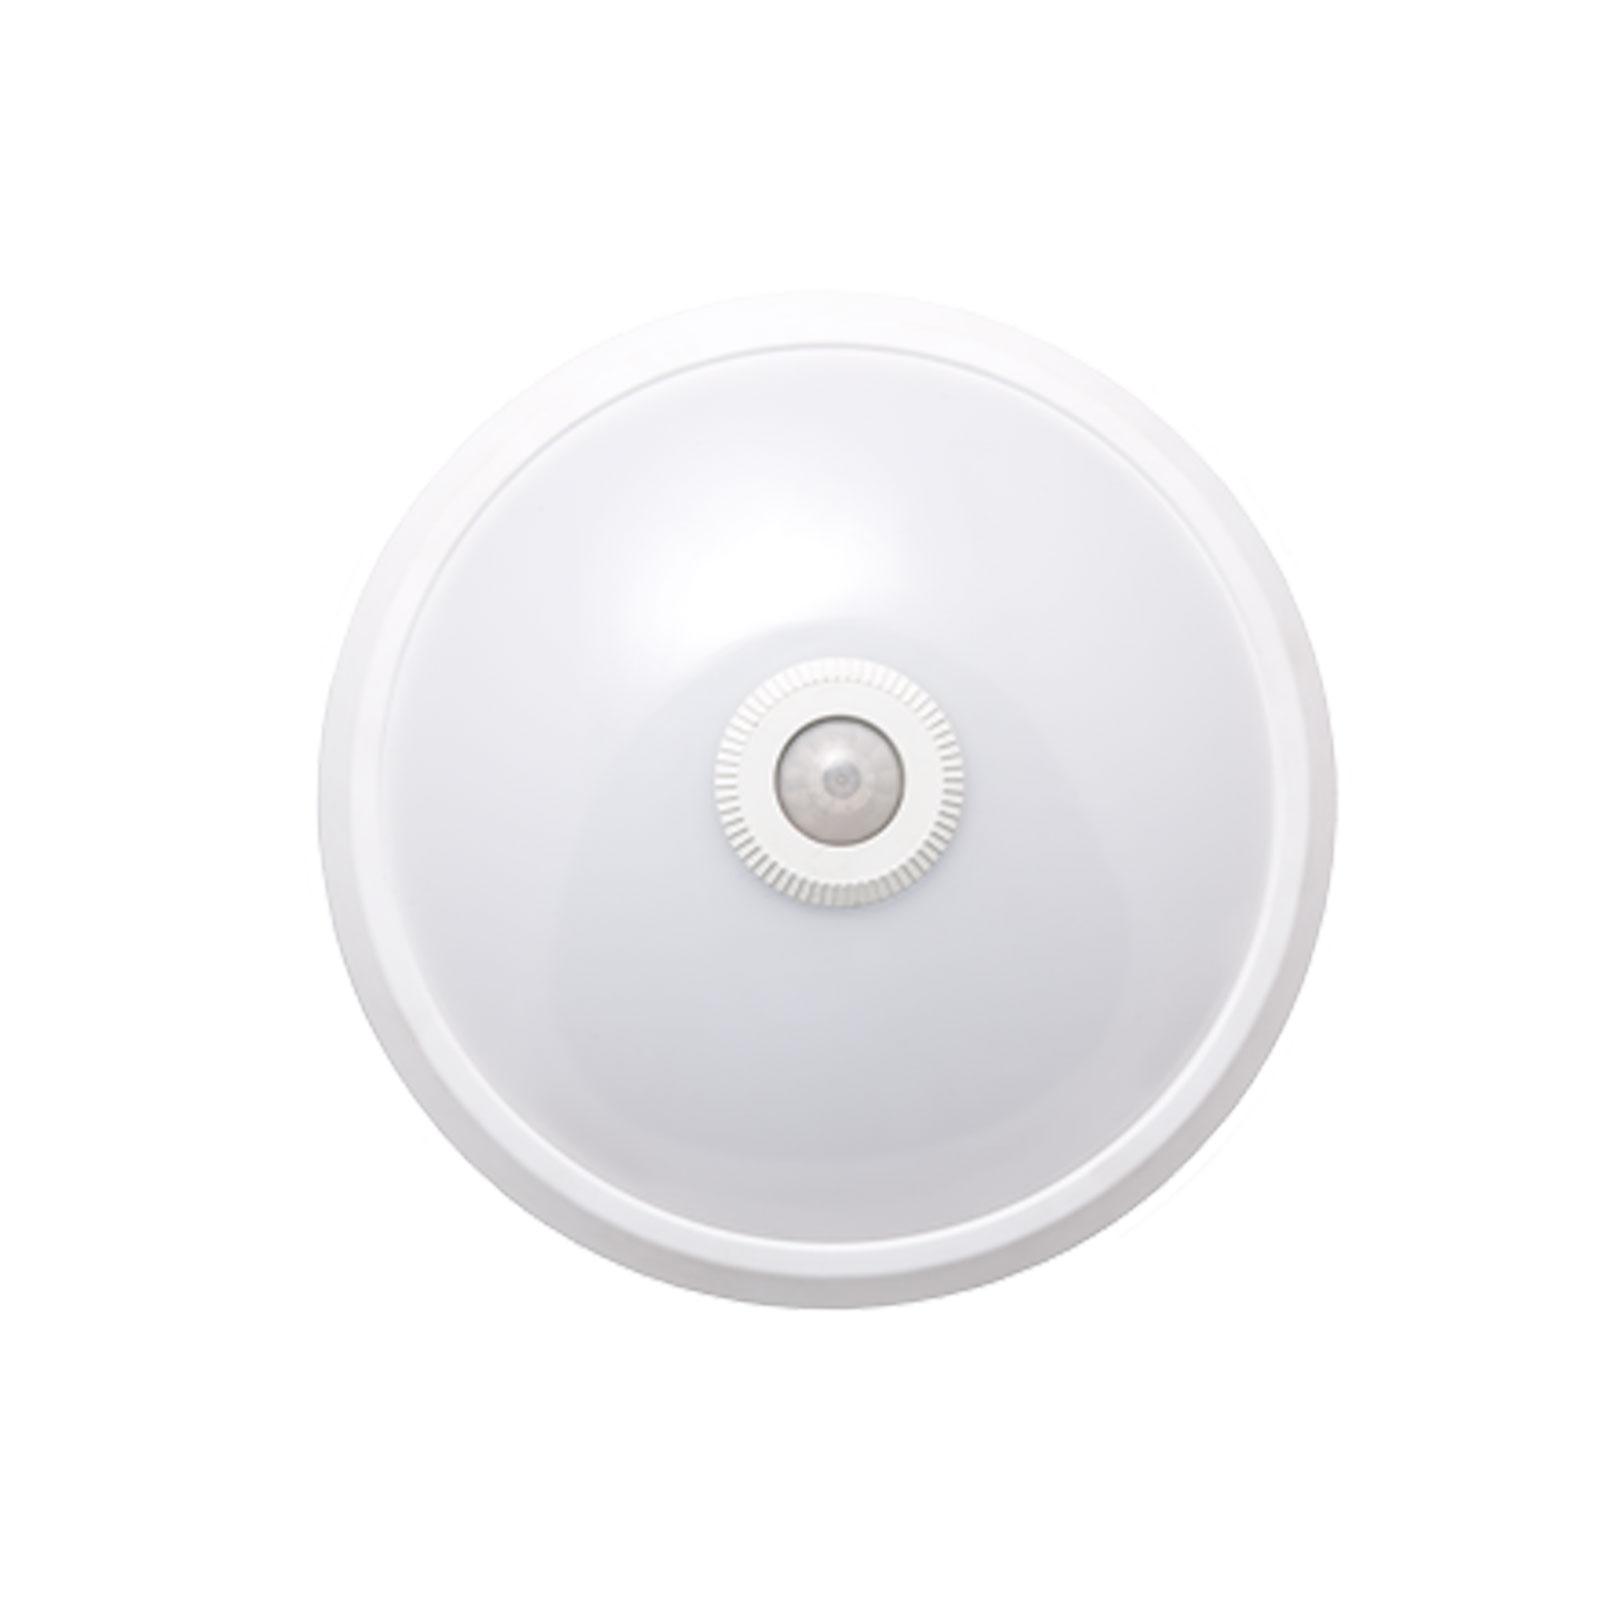 چراغ سقفی 15 وات سنسور دار VS966 ویسنا